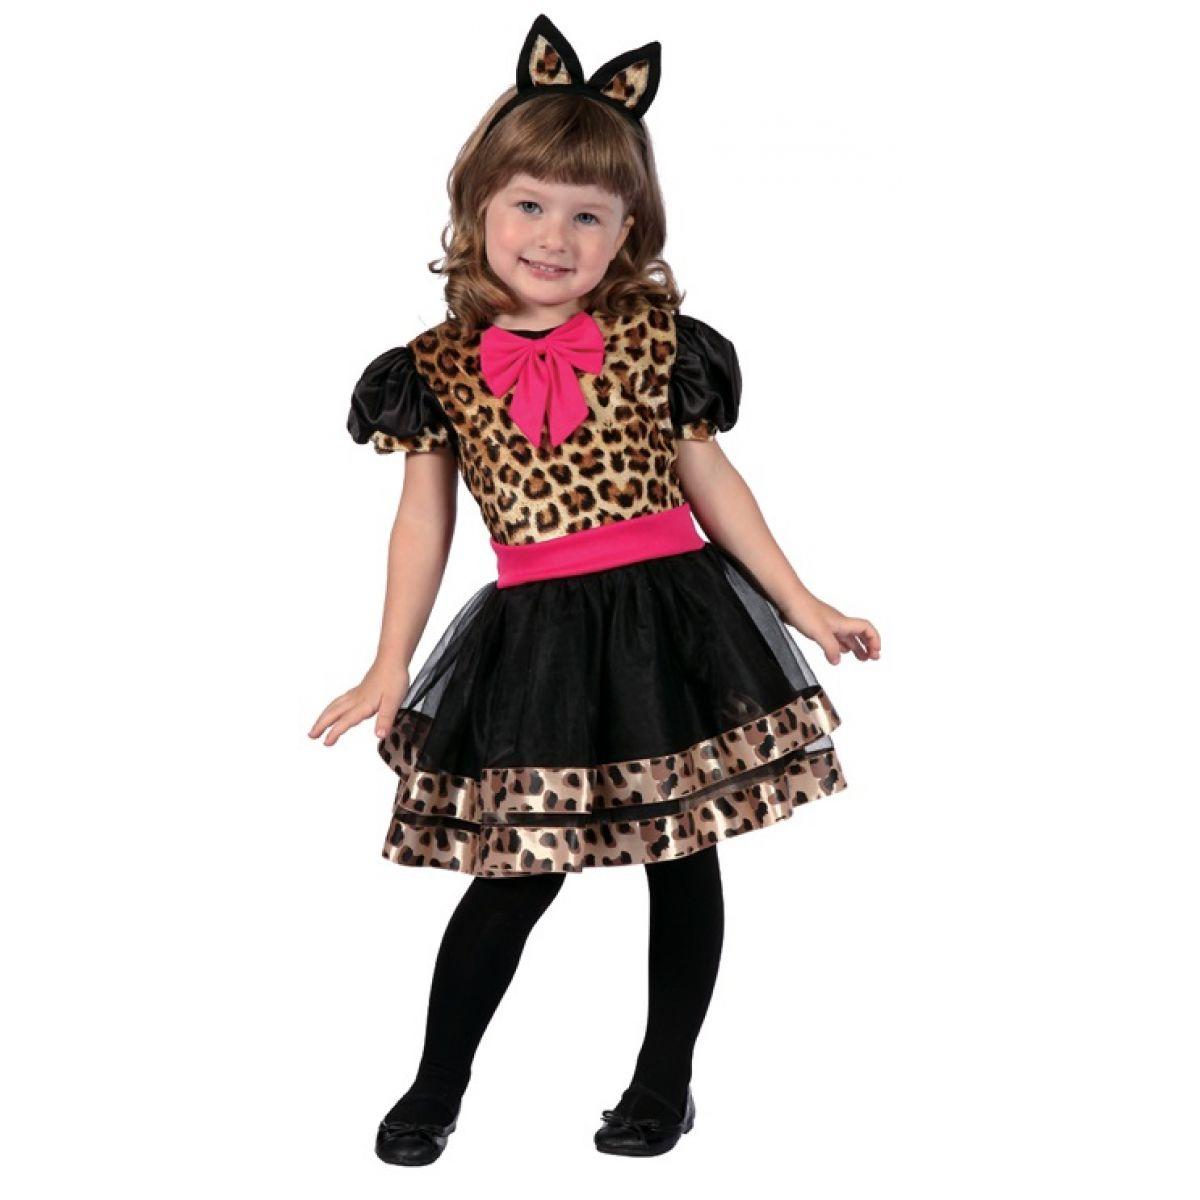 HM Studio Dětský kostým Leopardí dívka 92 - 104 cm